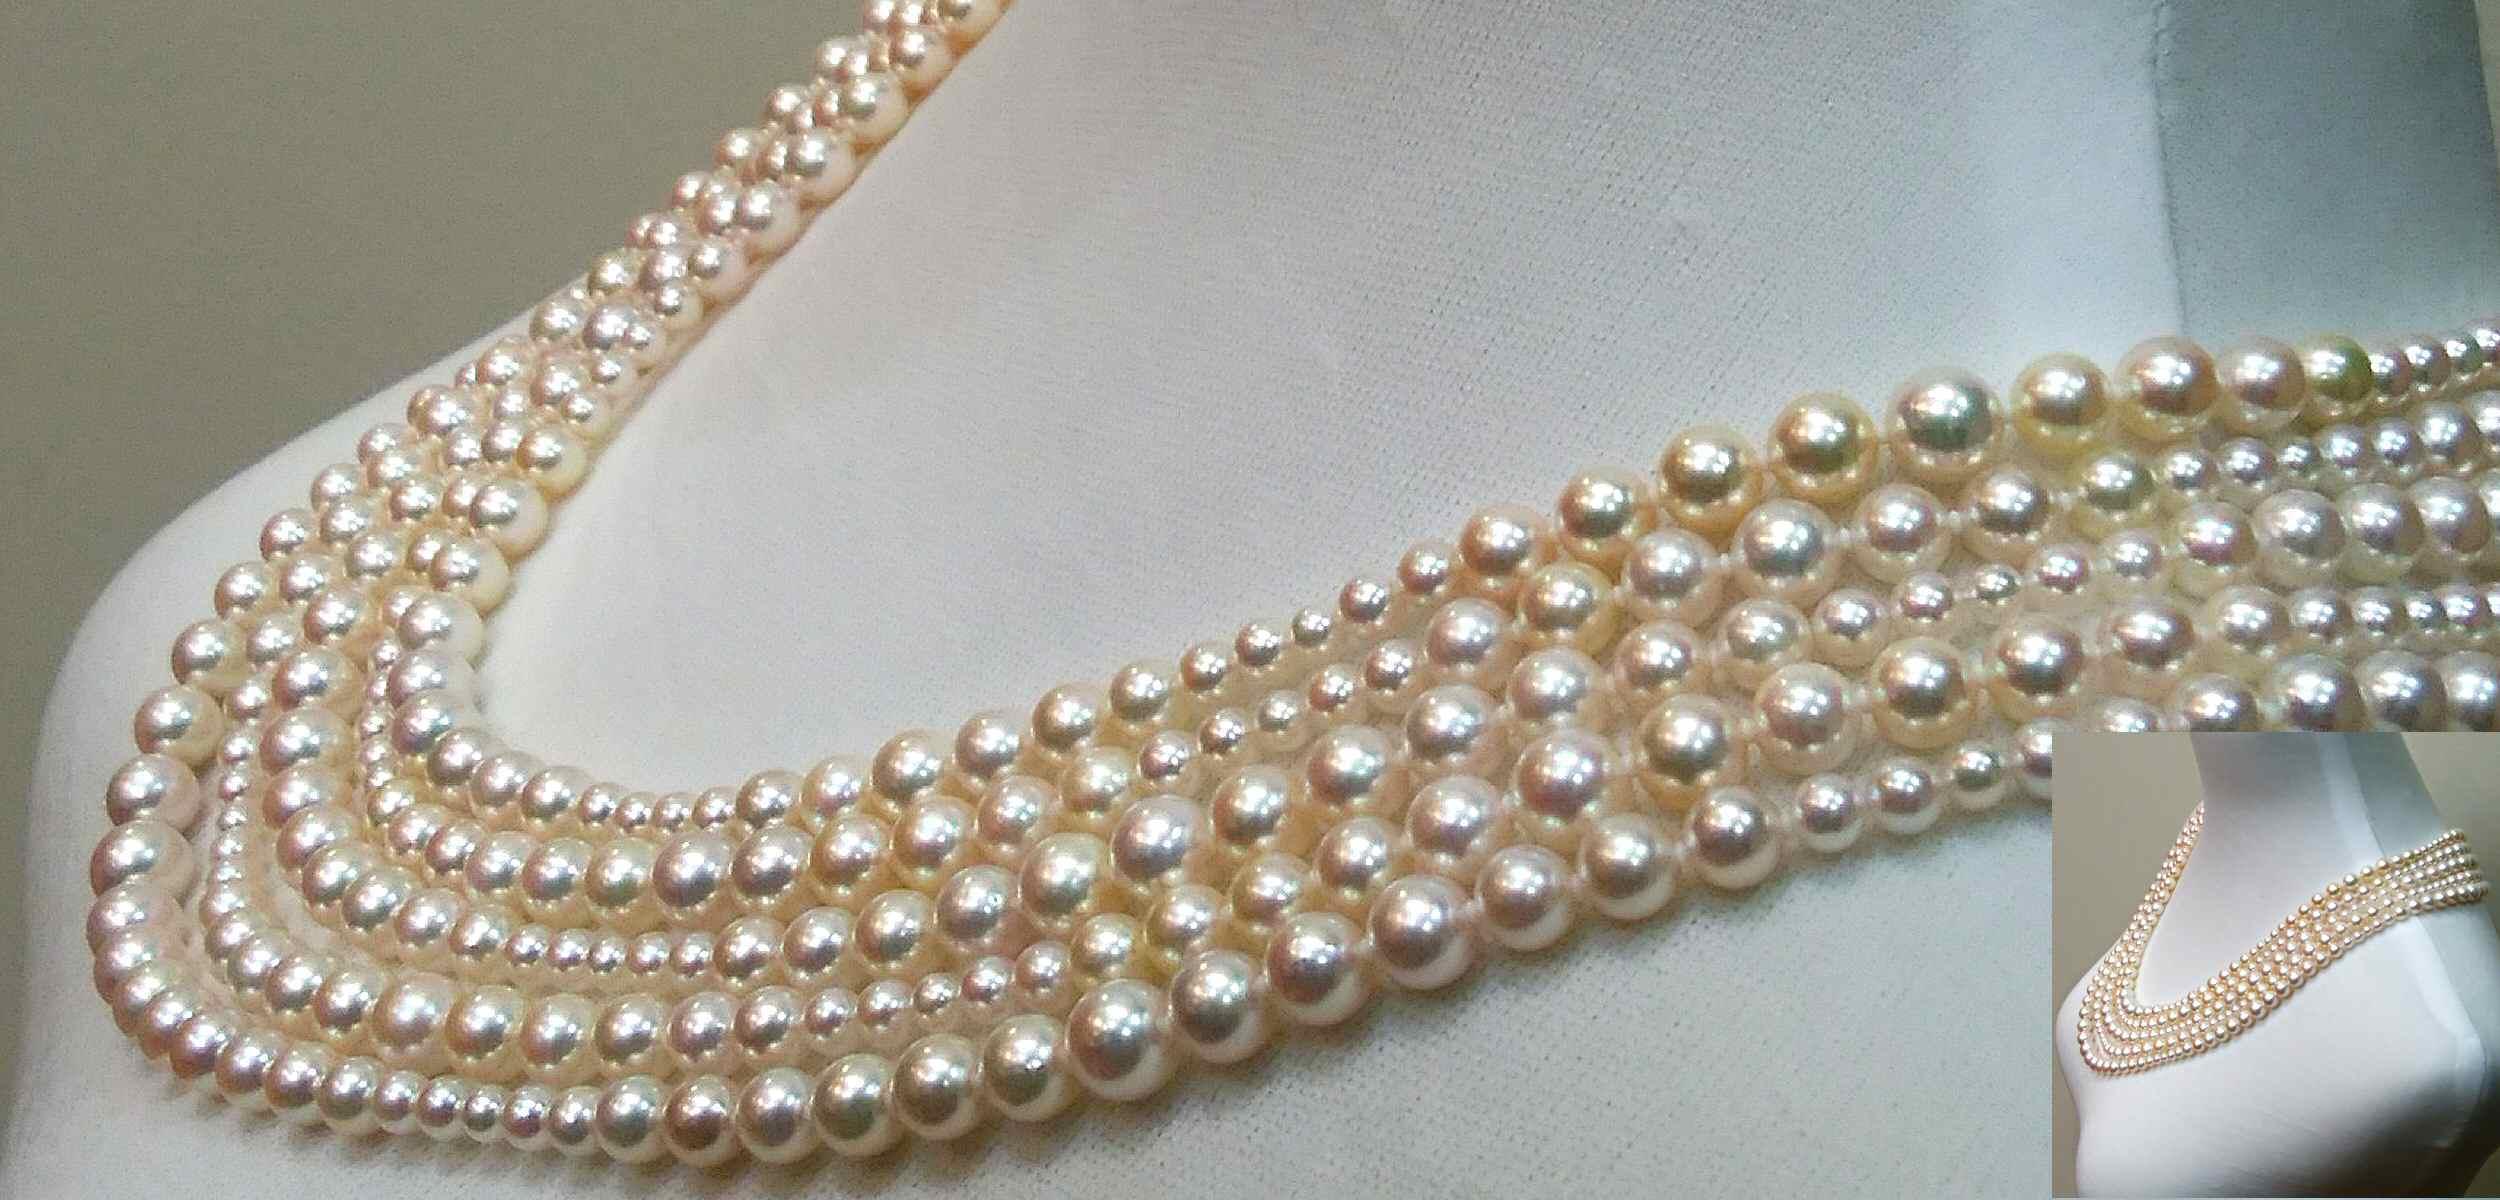 アコヤケシ真珠のネックレス